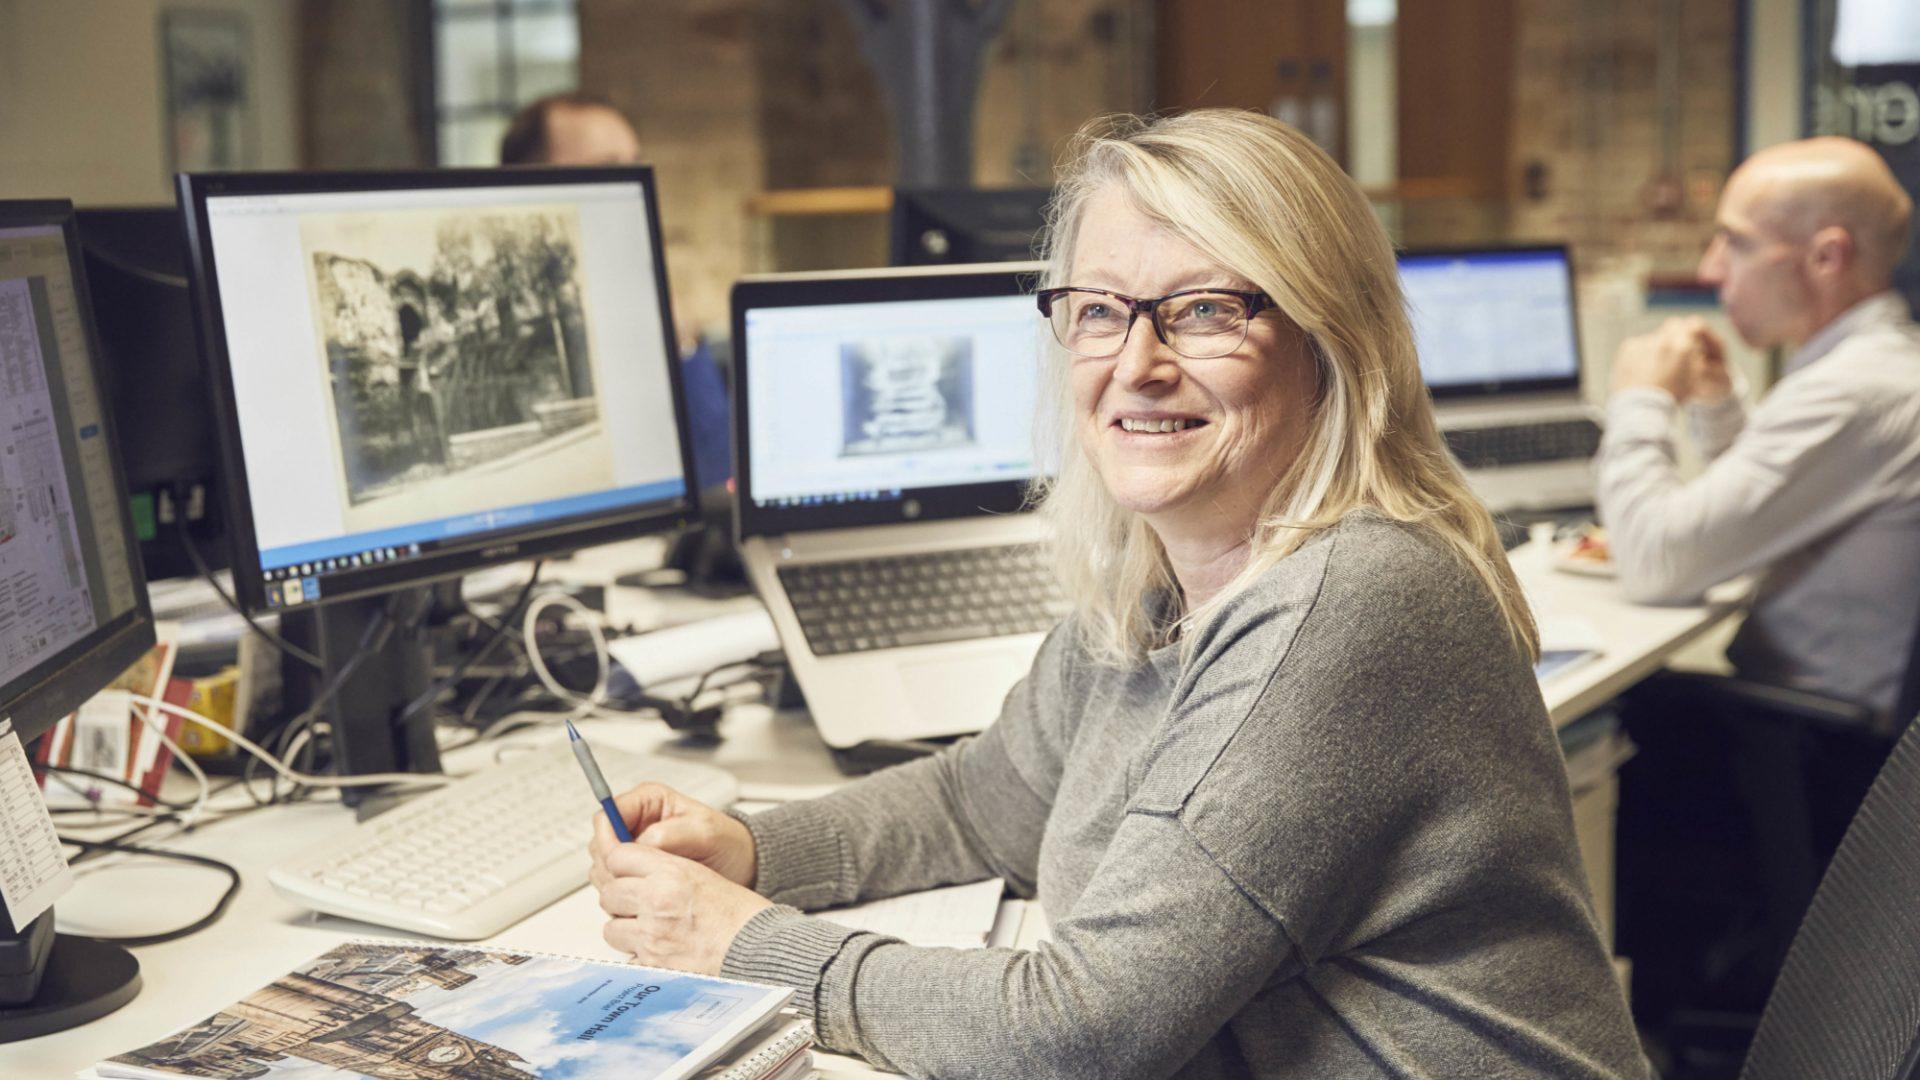 Jane Roylance